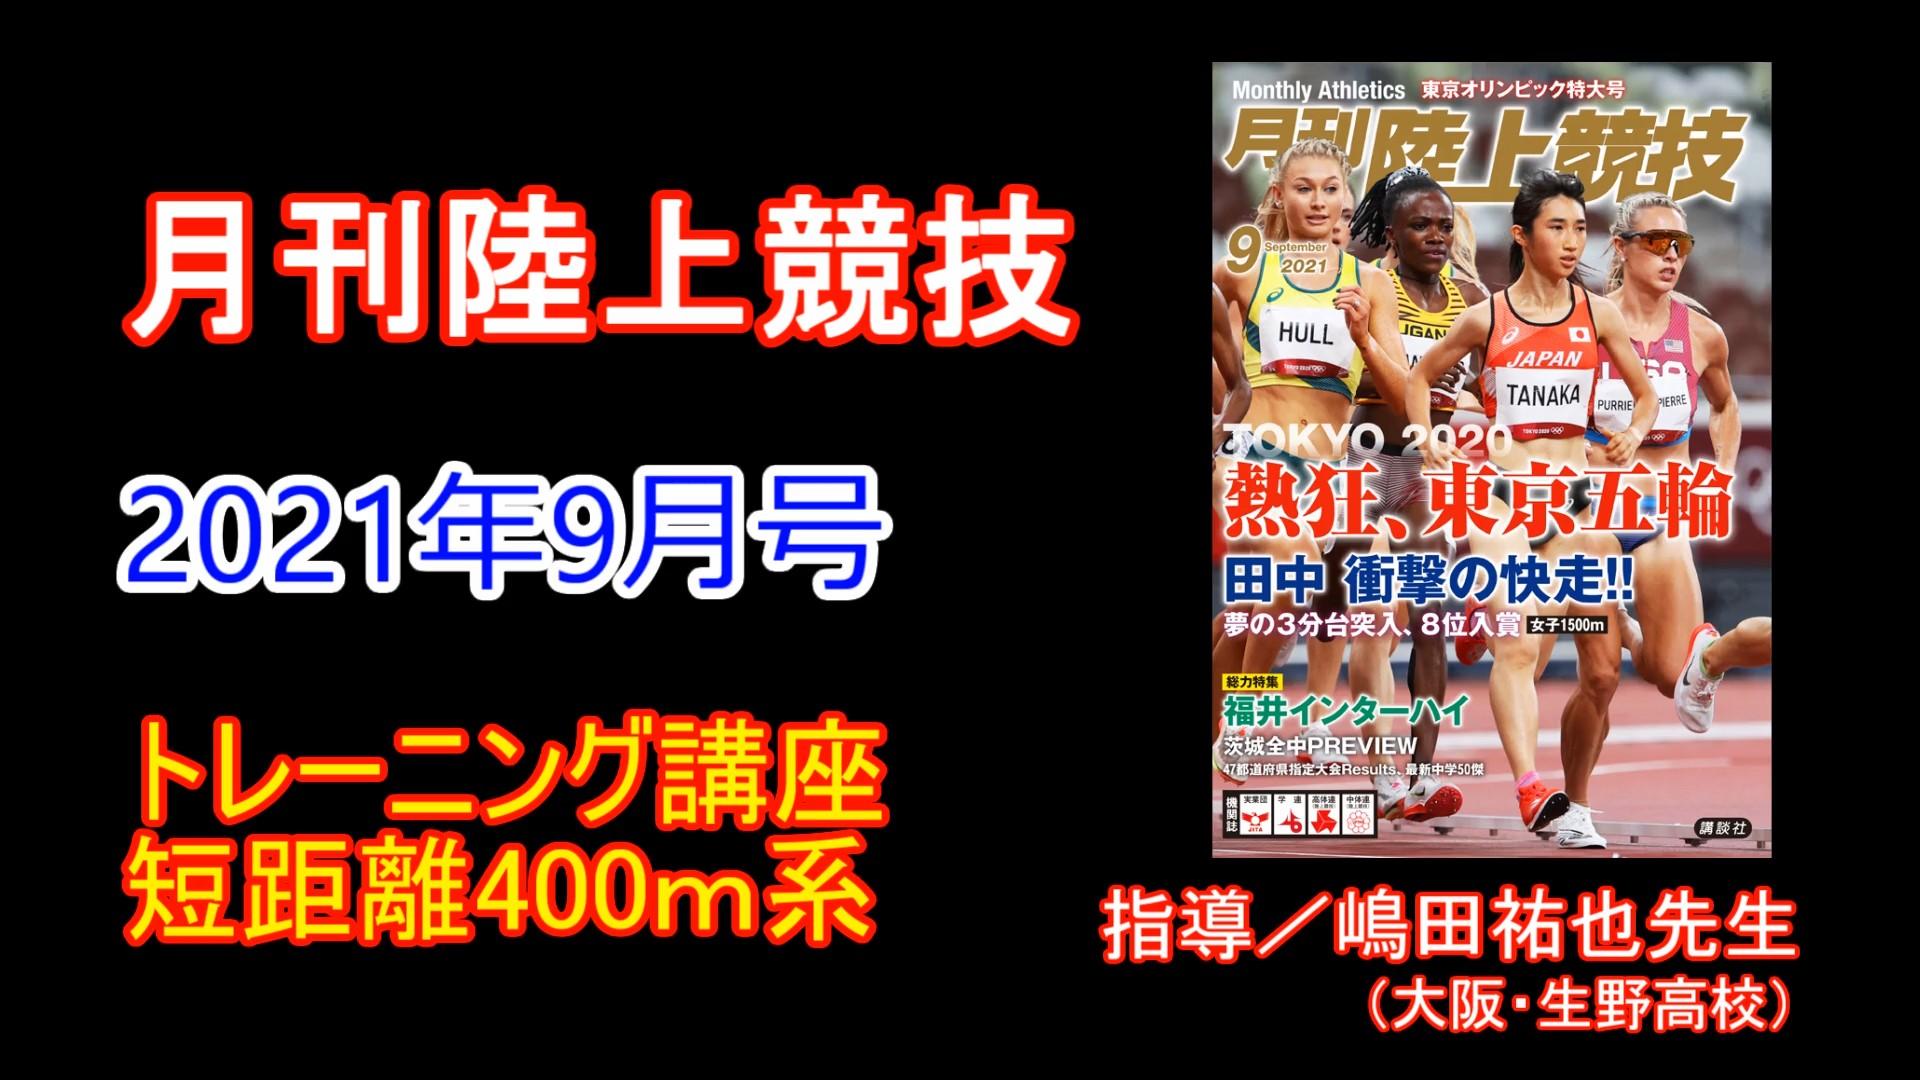 【トレーニング講座】400m(2021年9月号掲載)